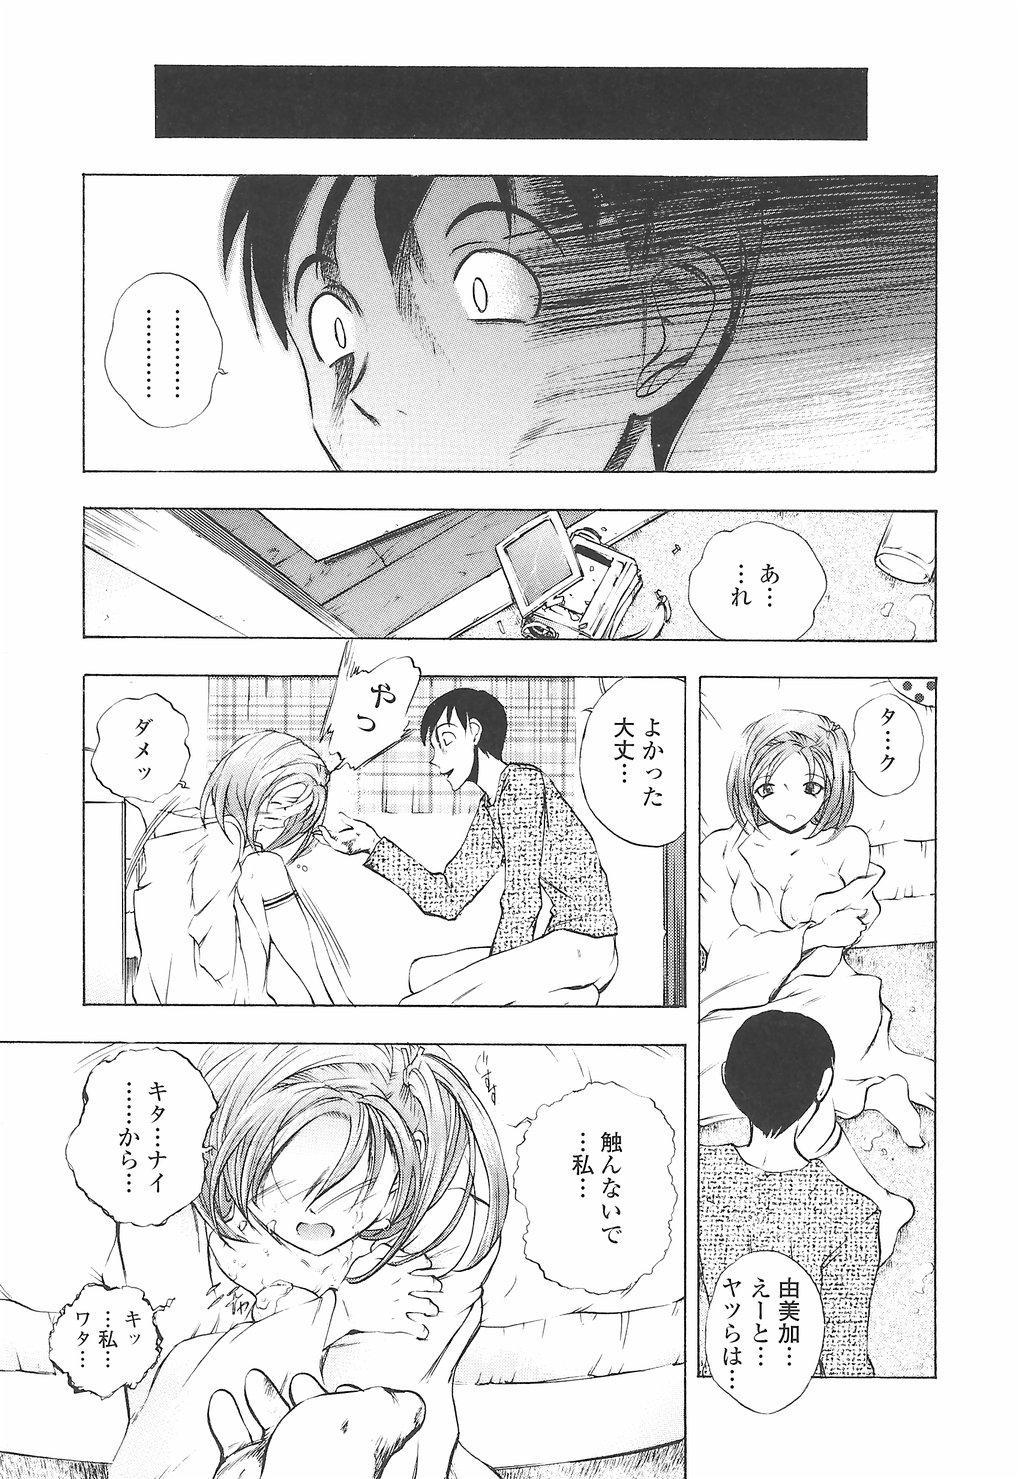 [Yuuki Tsumugi] Oshiete Ane-Tea - Teach me! my sister teacher. 156